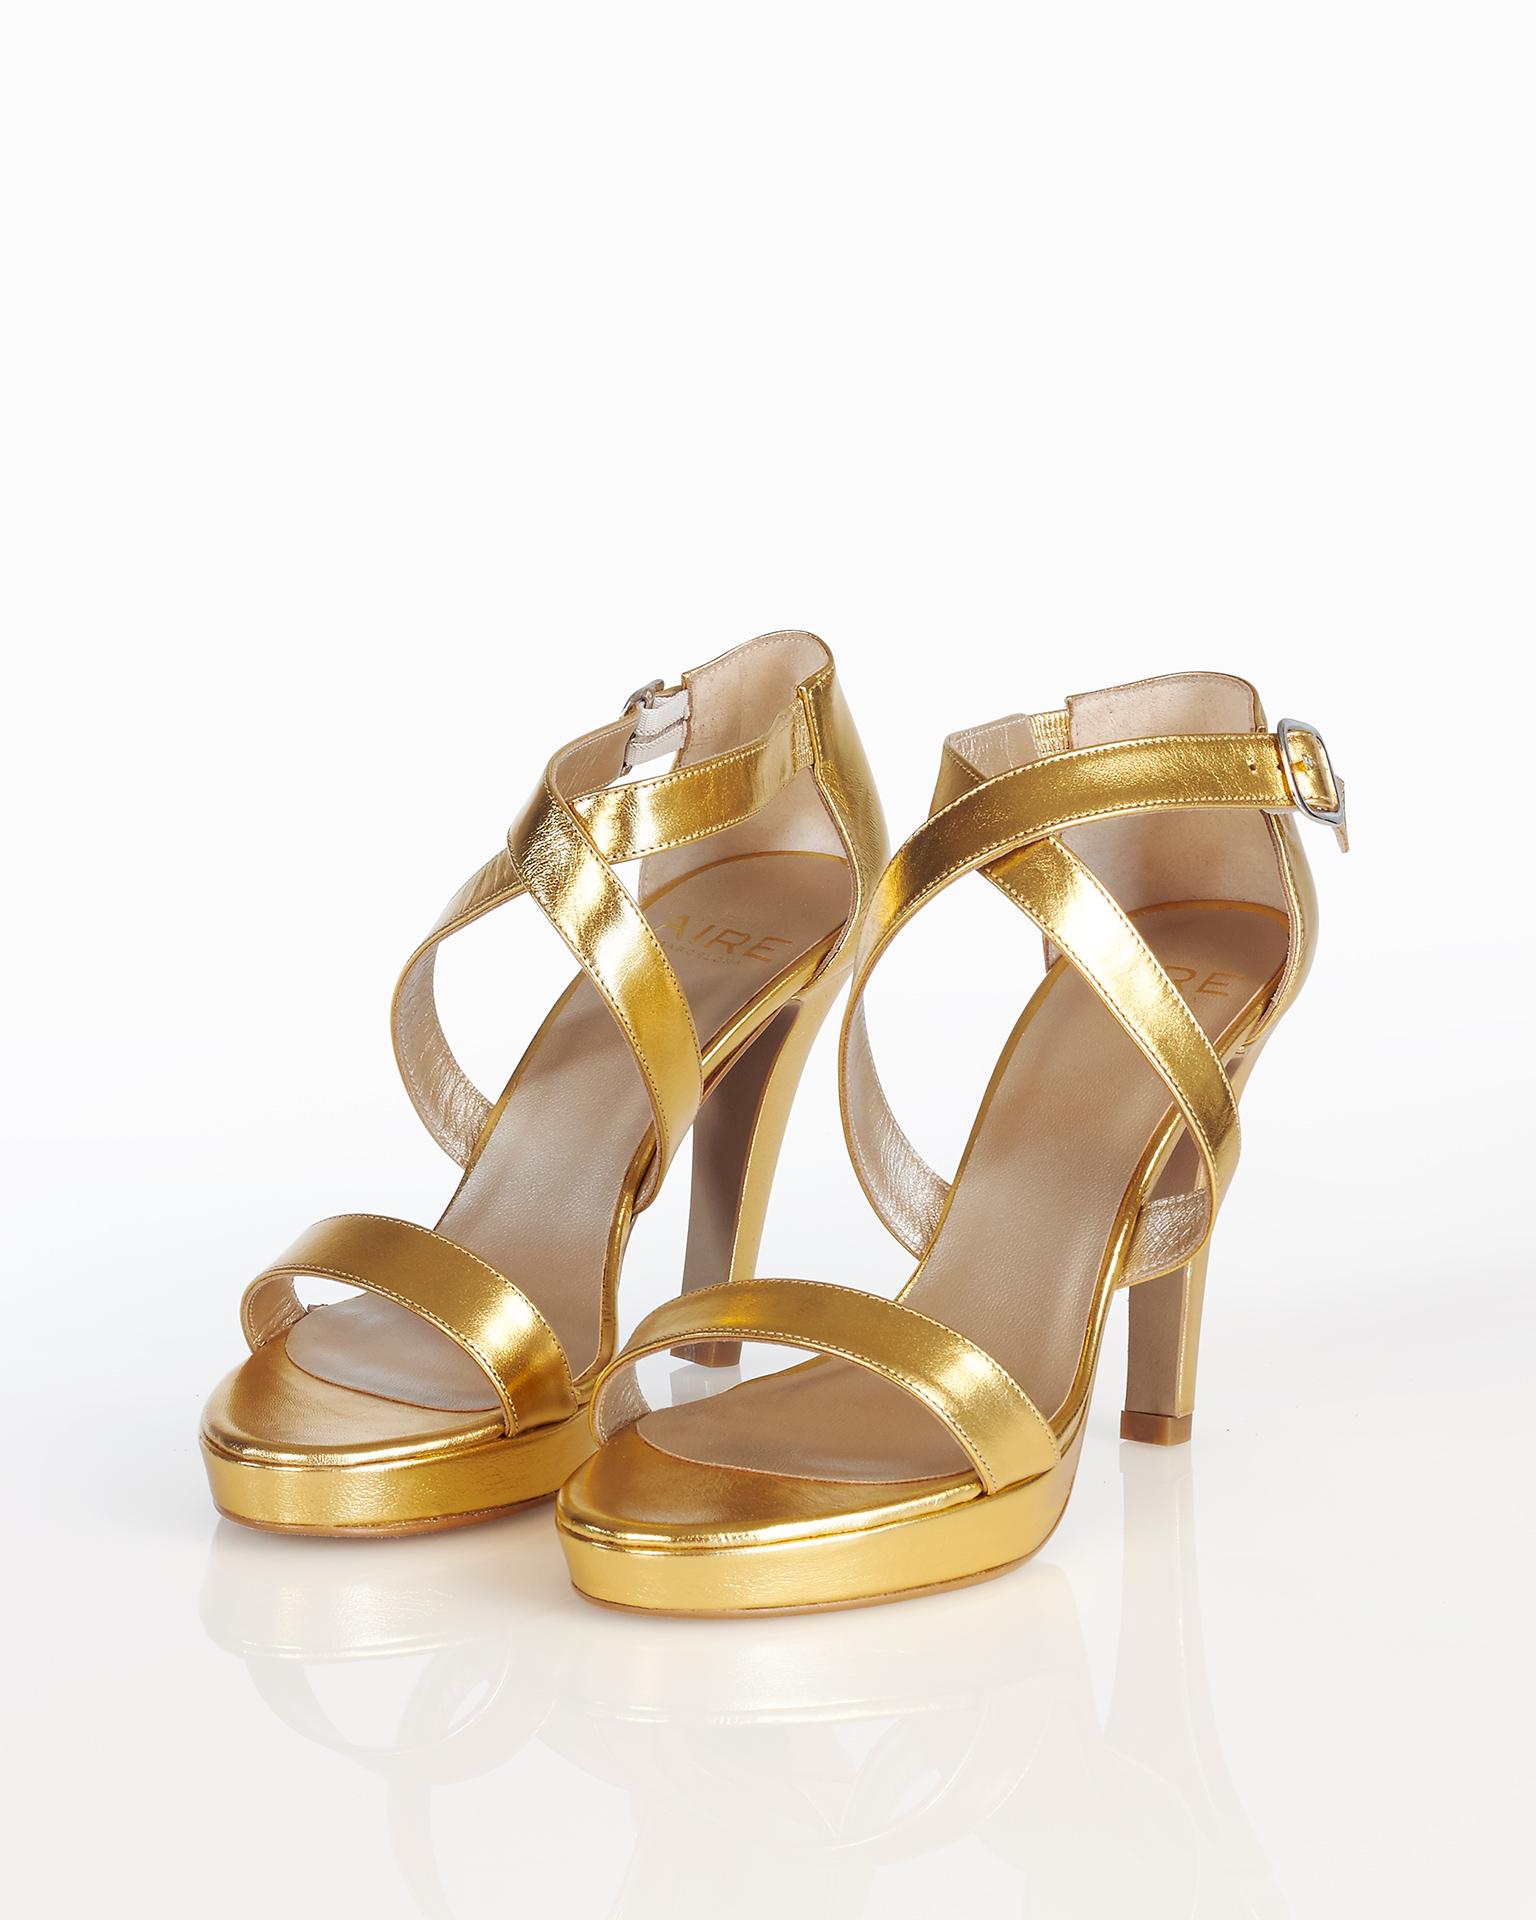 Sandalia de novia en piel, con plataforma, tacón alto y talón cubierto, disponible en color natural, nude, oro y plata. Colección AIRE BARCELONA 2018.